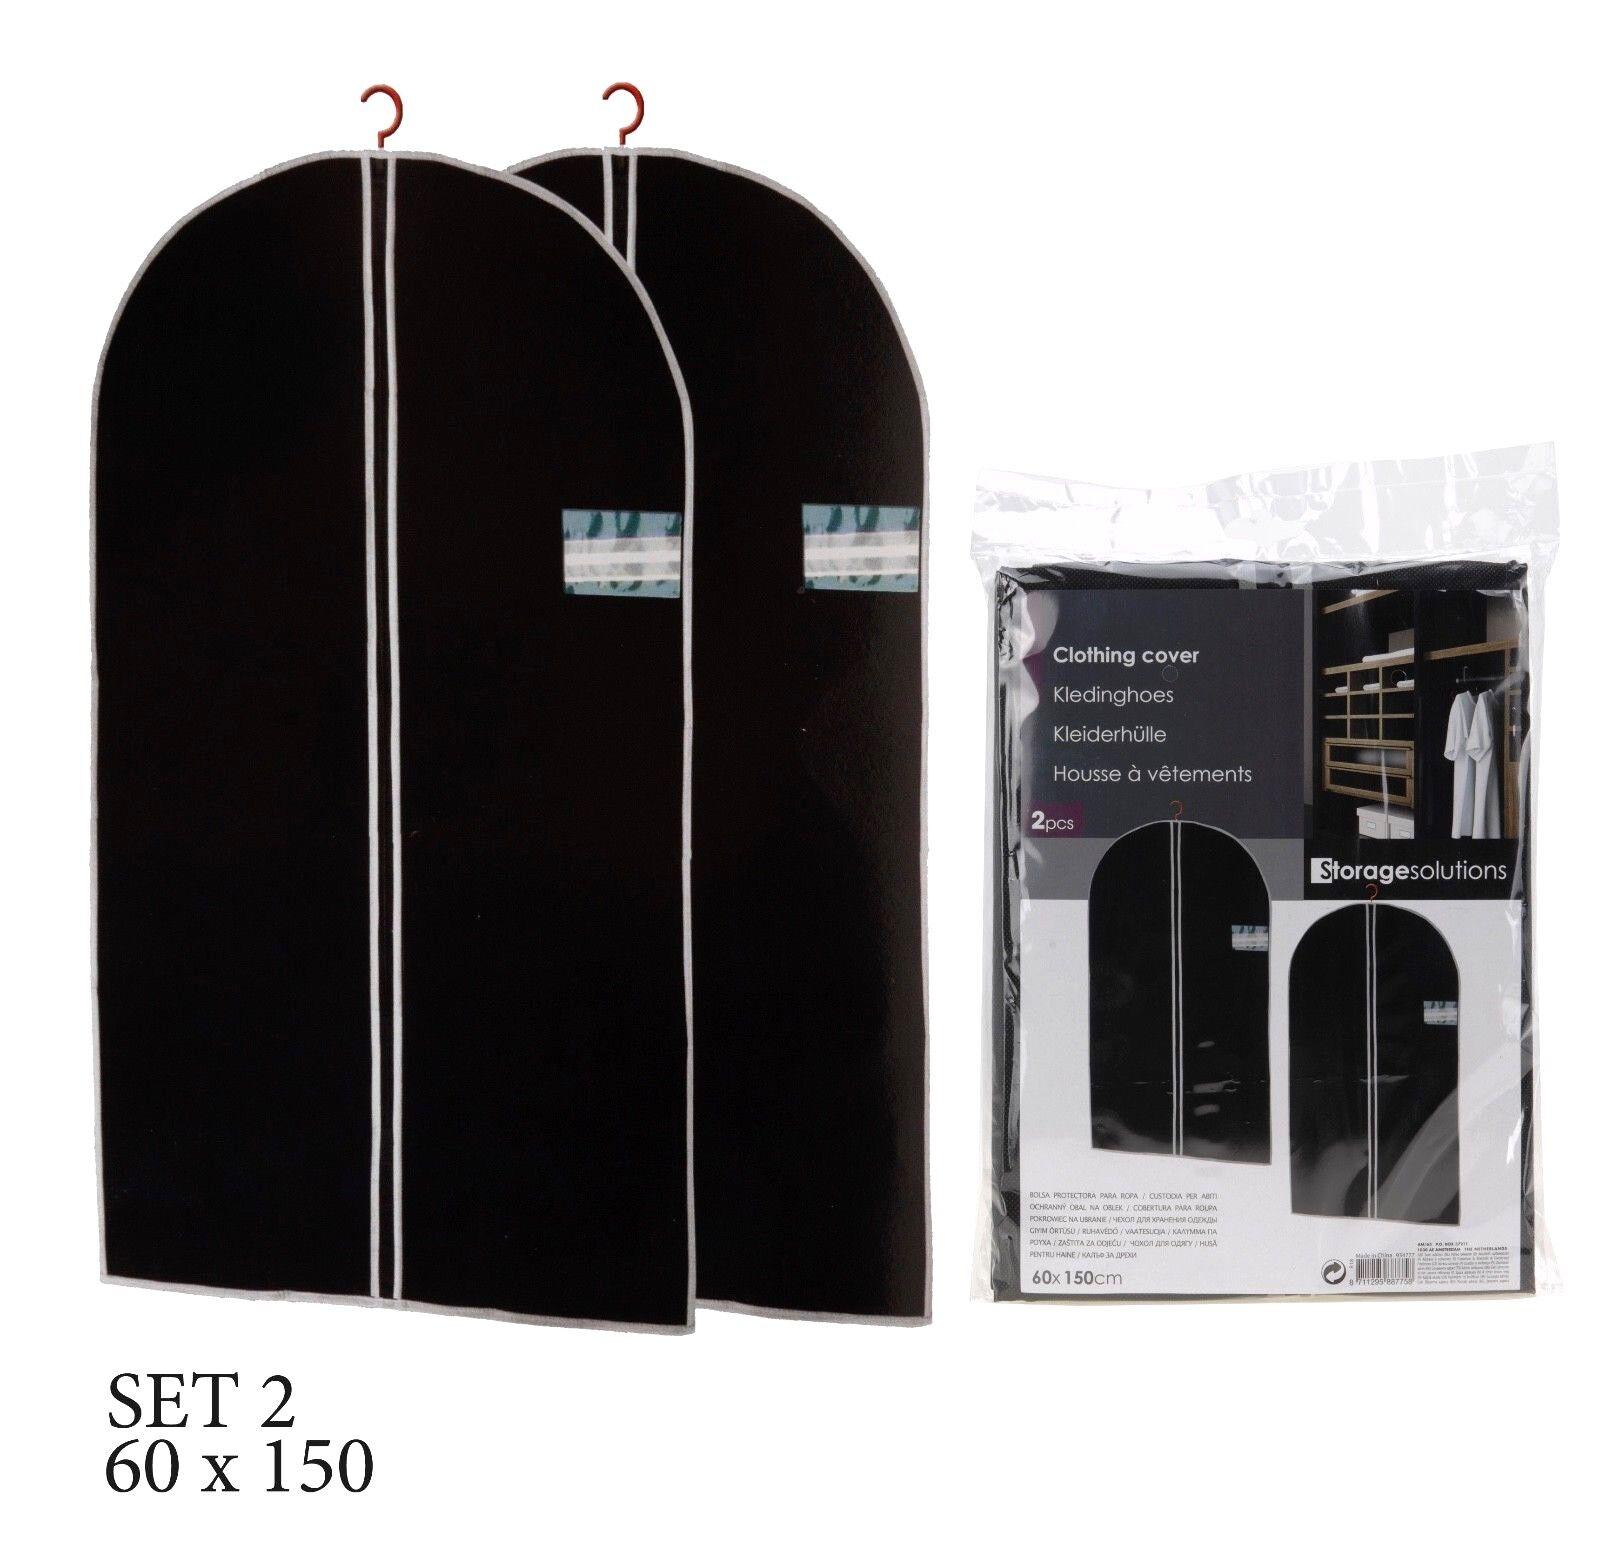 2 - 10 Kleidersack Kleiderhülle Schutzhülle Kleider Hülle Kleiderschutz 60x150cm